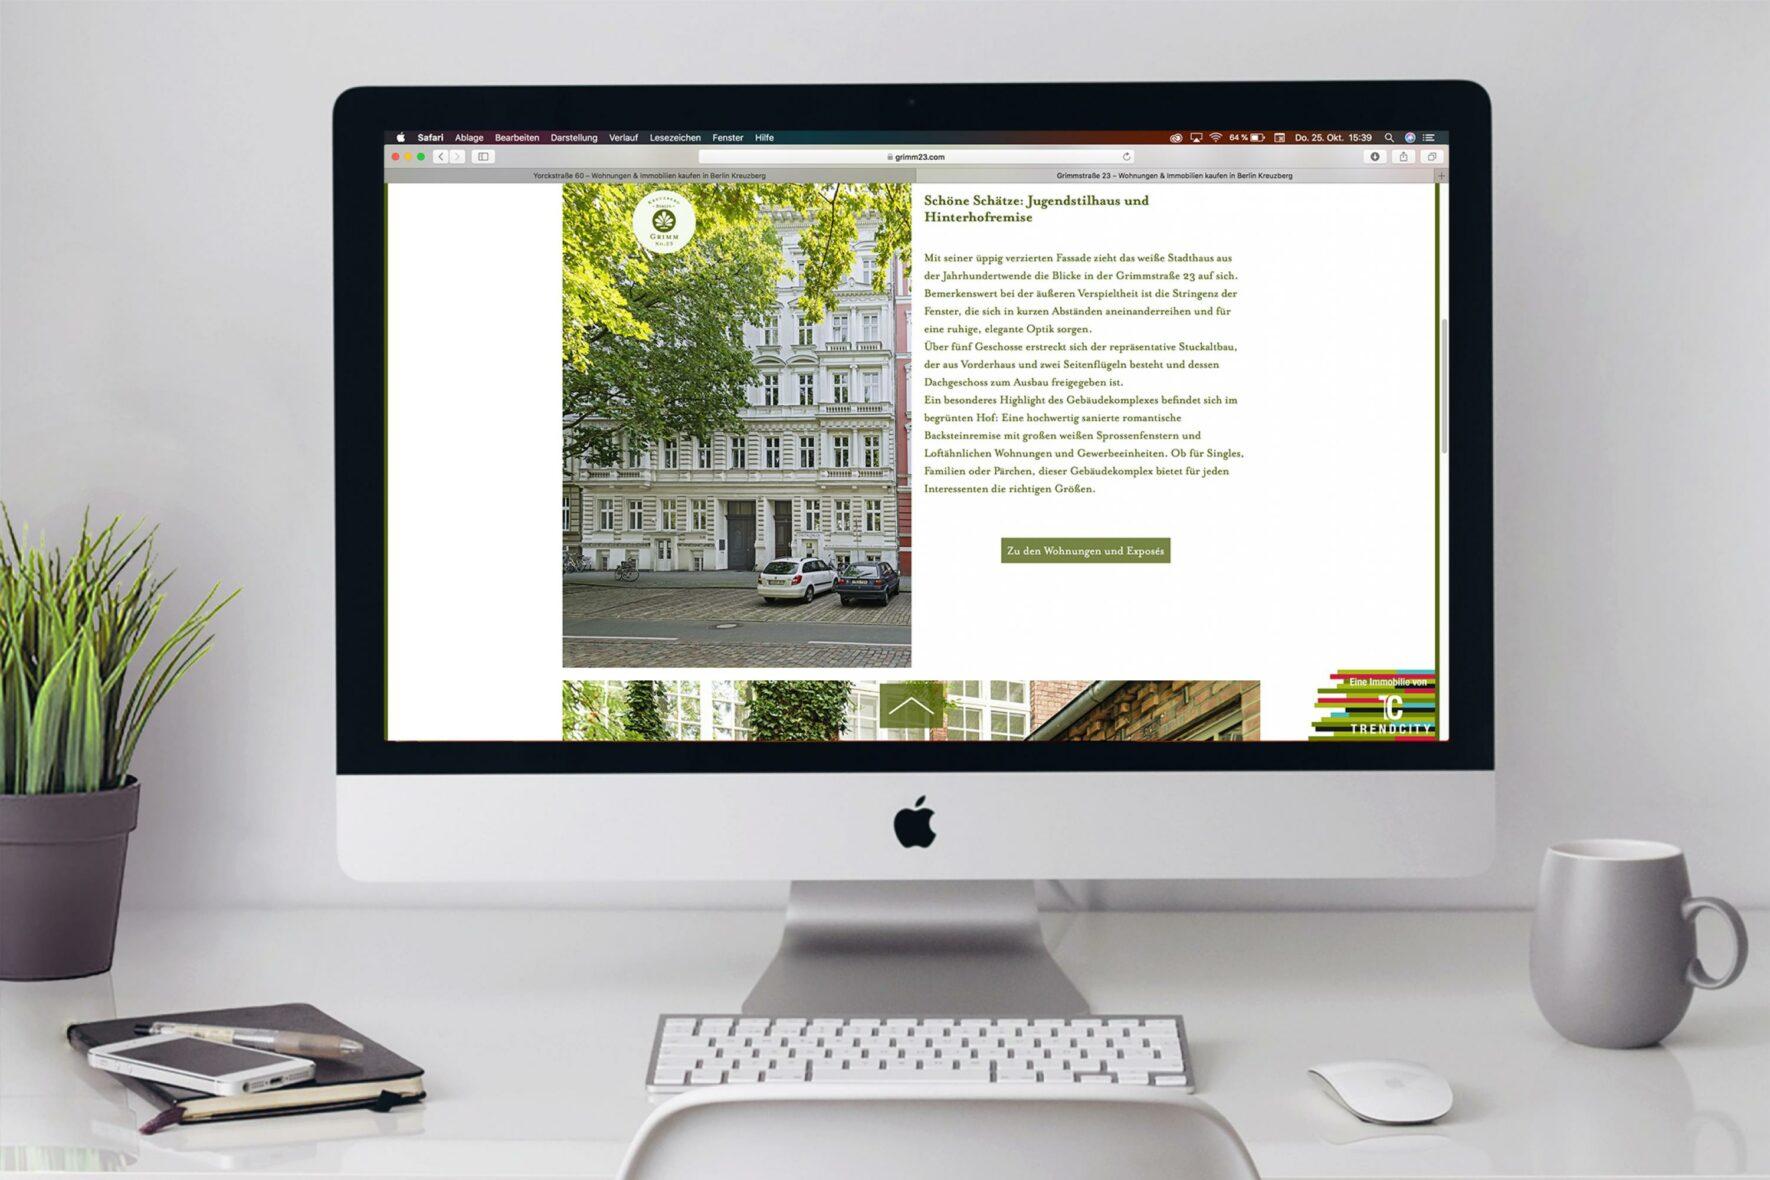 Webiste-Objekte-Branding-Trendcity-Immobilien-Corporate-design-Grimm-2 Kopie